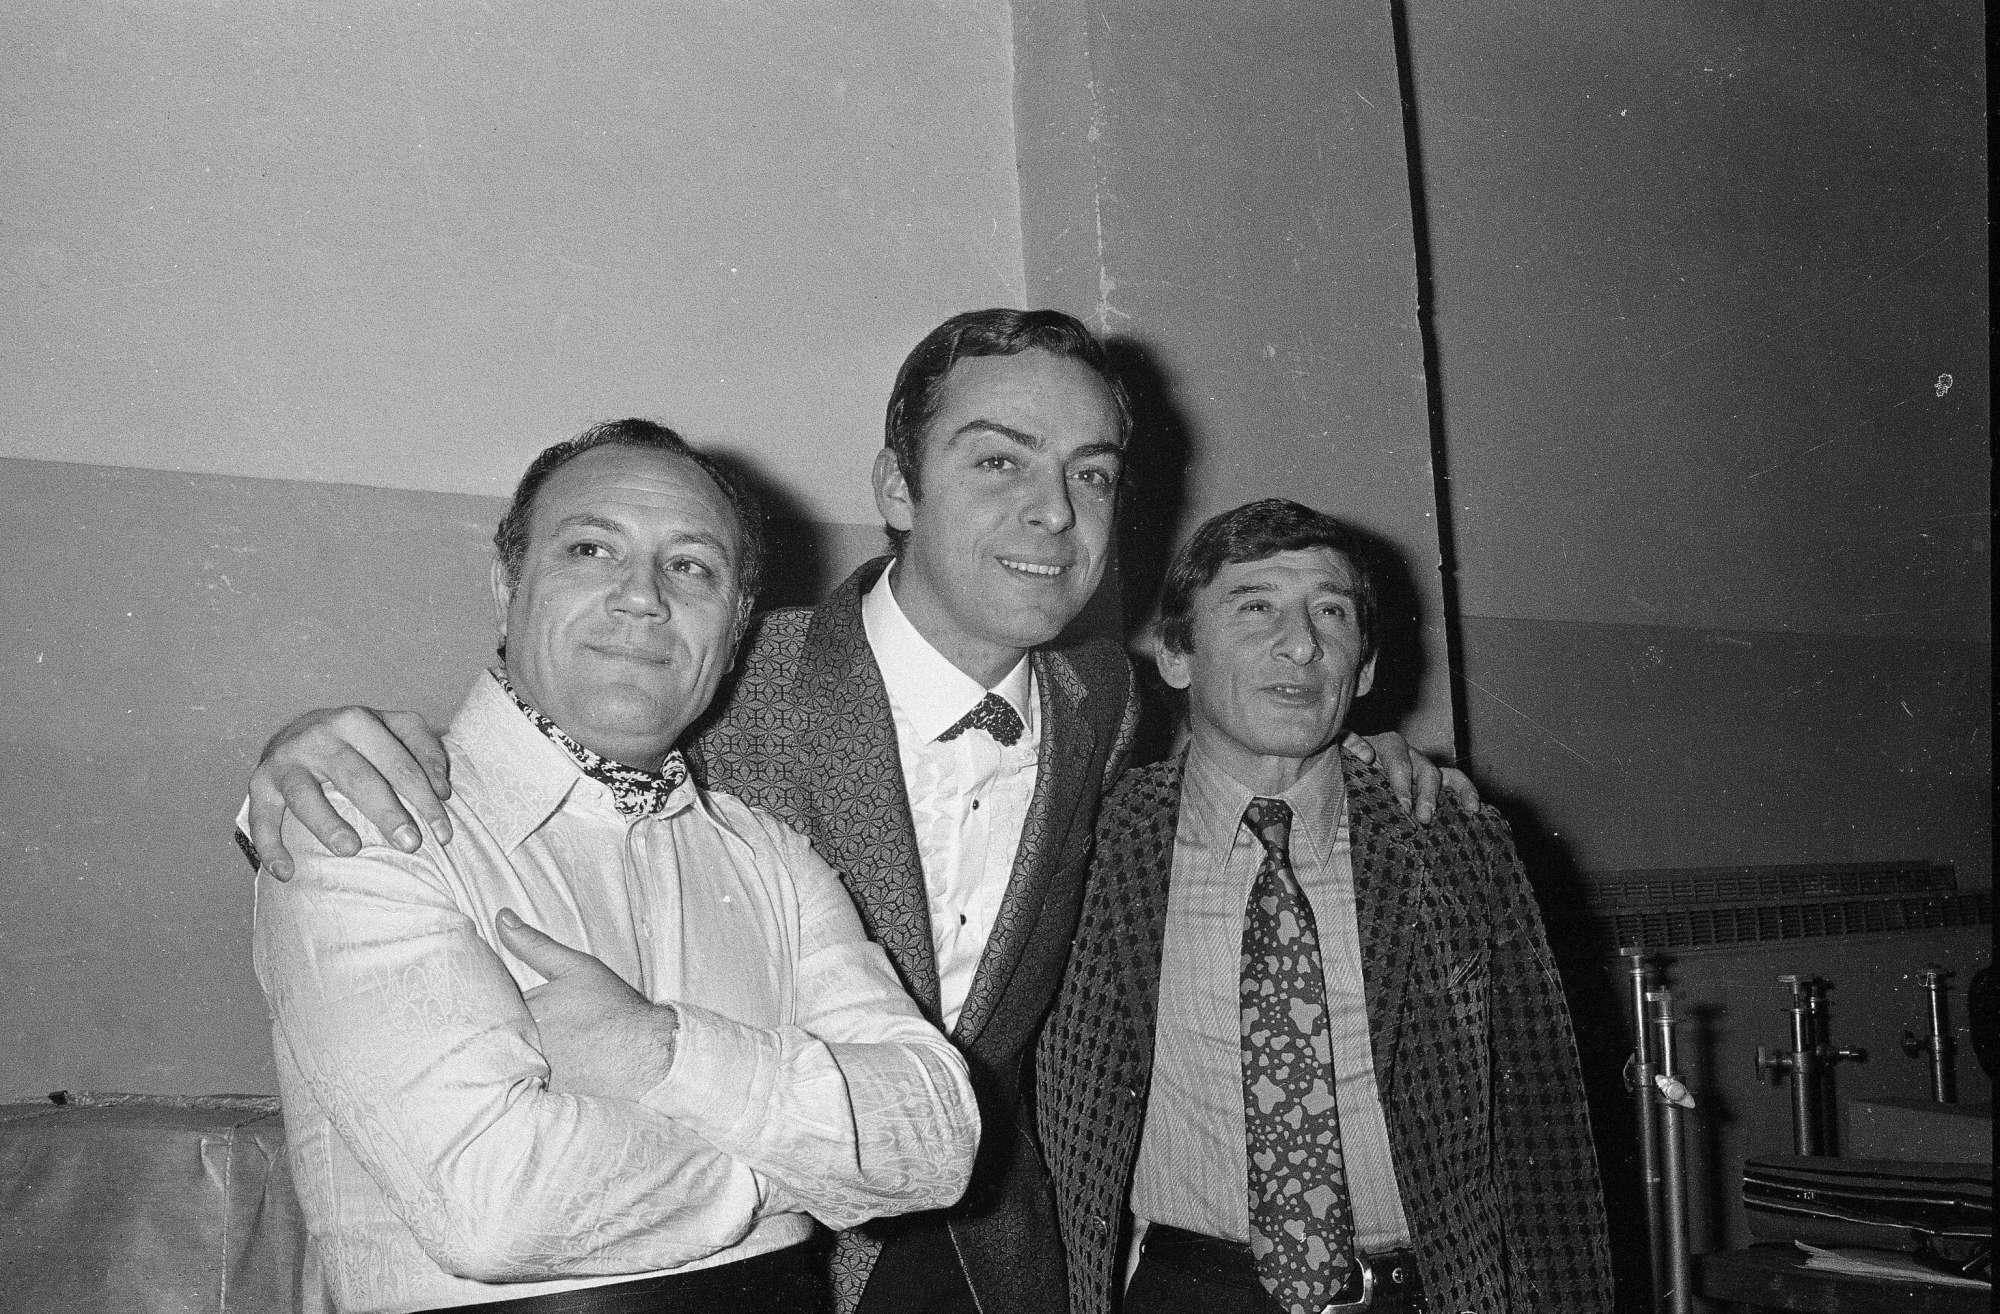 Daniele Piombi, scomparso a 83 anni il Signore della Tv